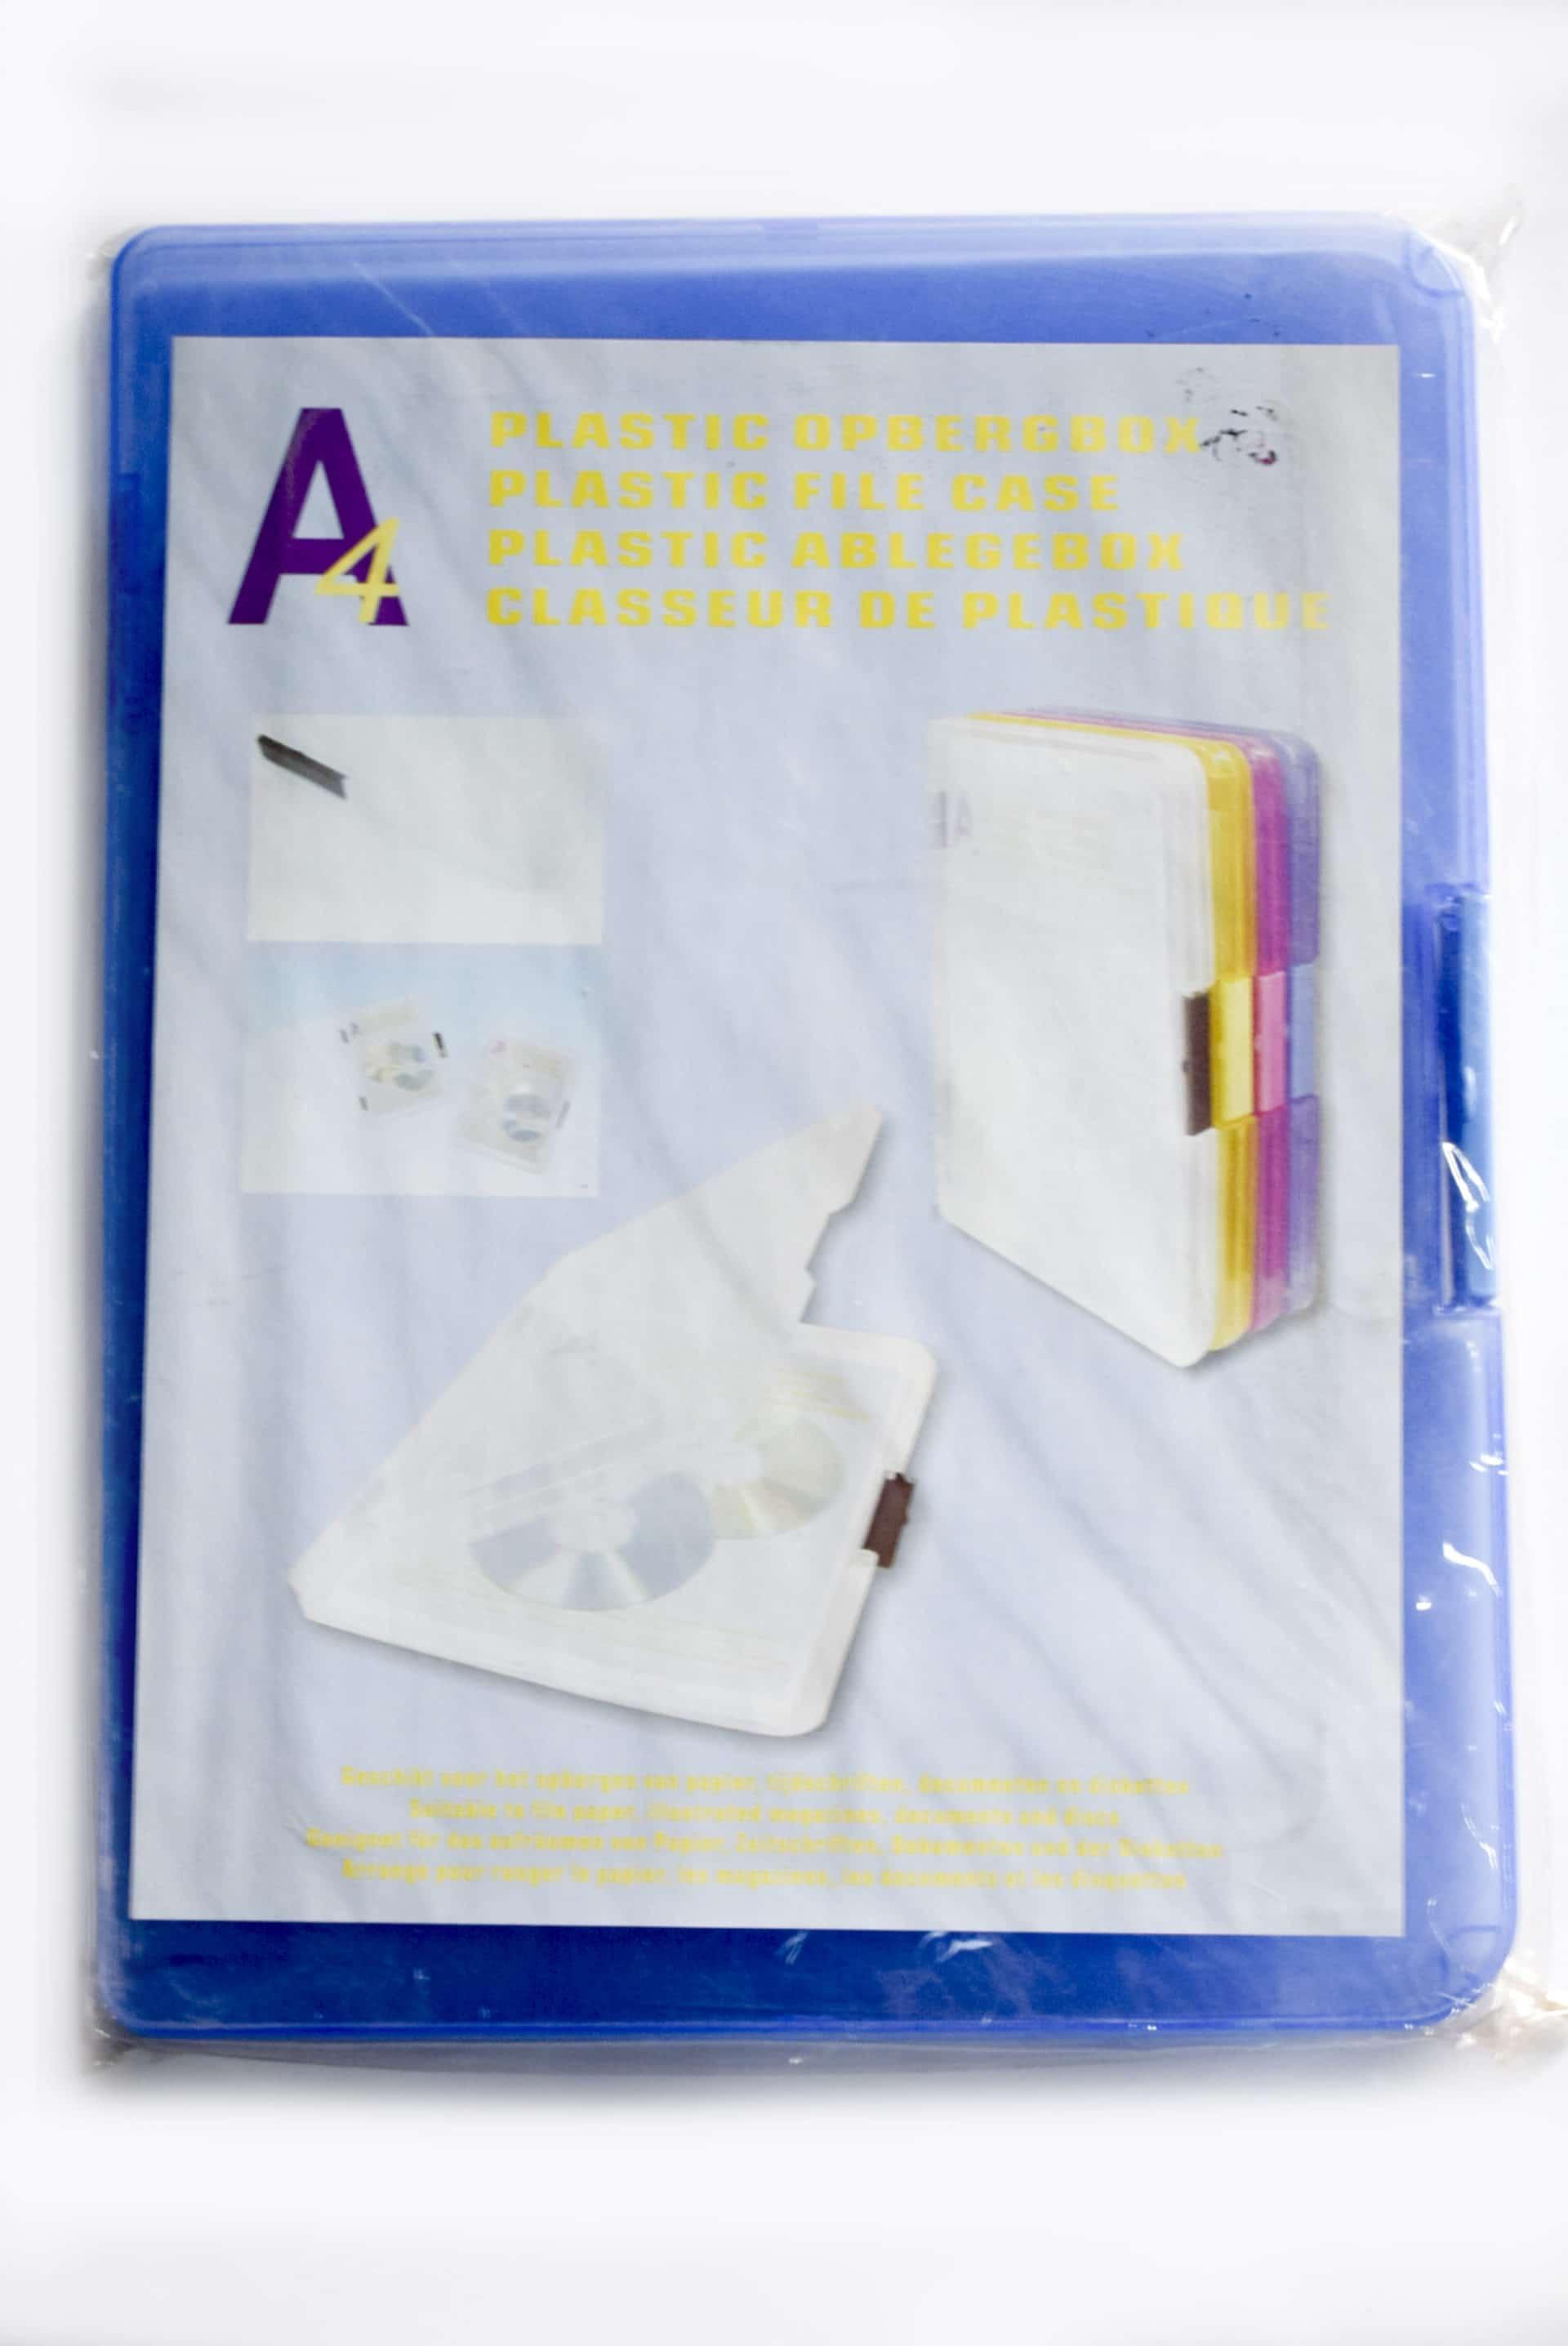 A4 Plastic File Case 1